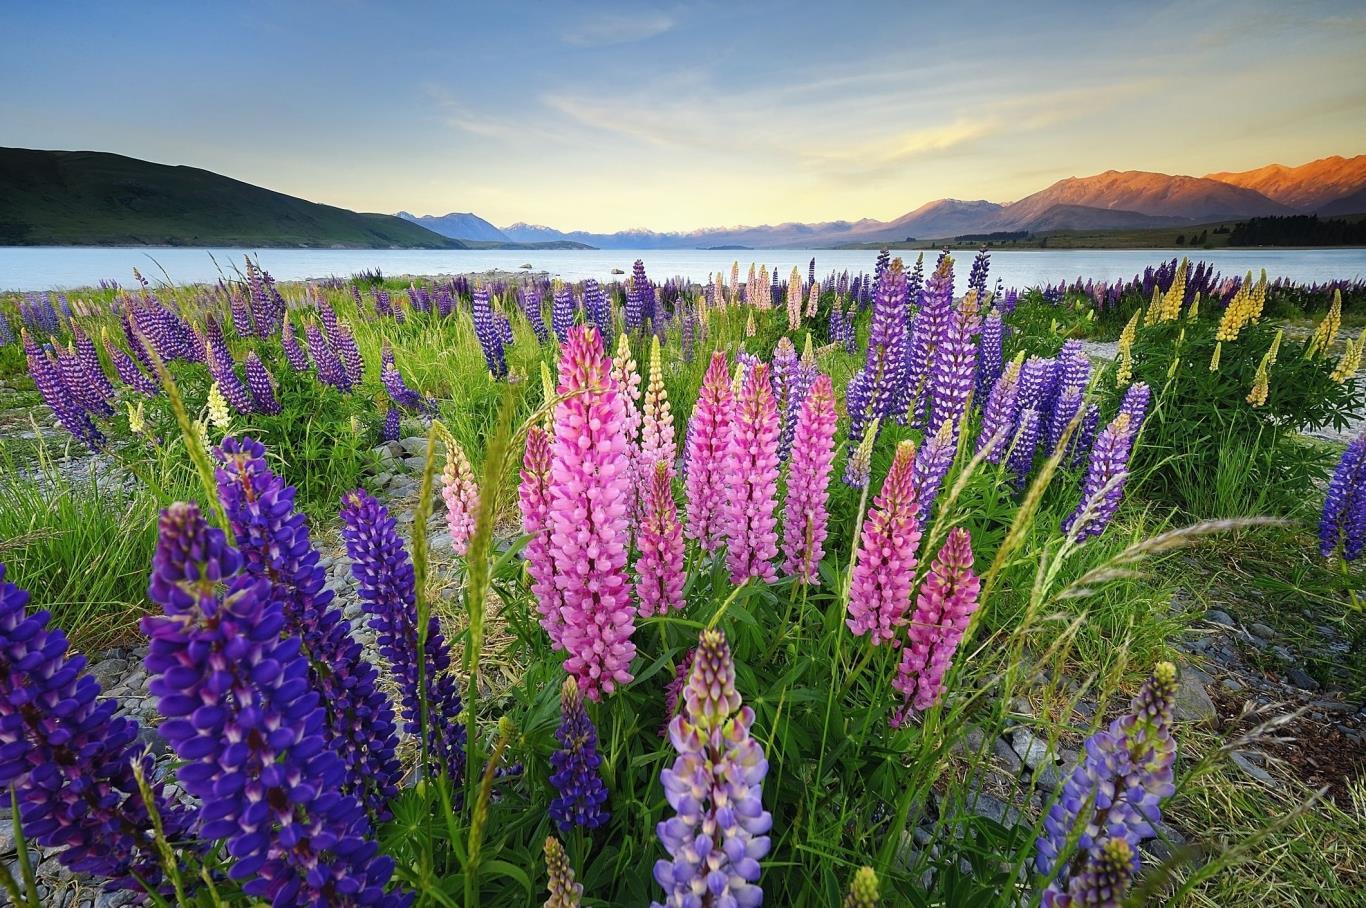 Địa điểm nổi tiếng để ngắm hoa lupine.